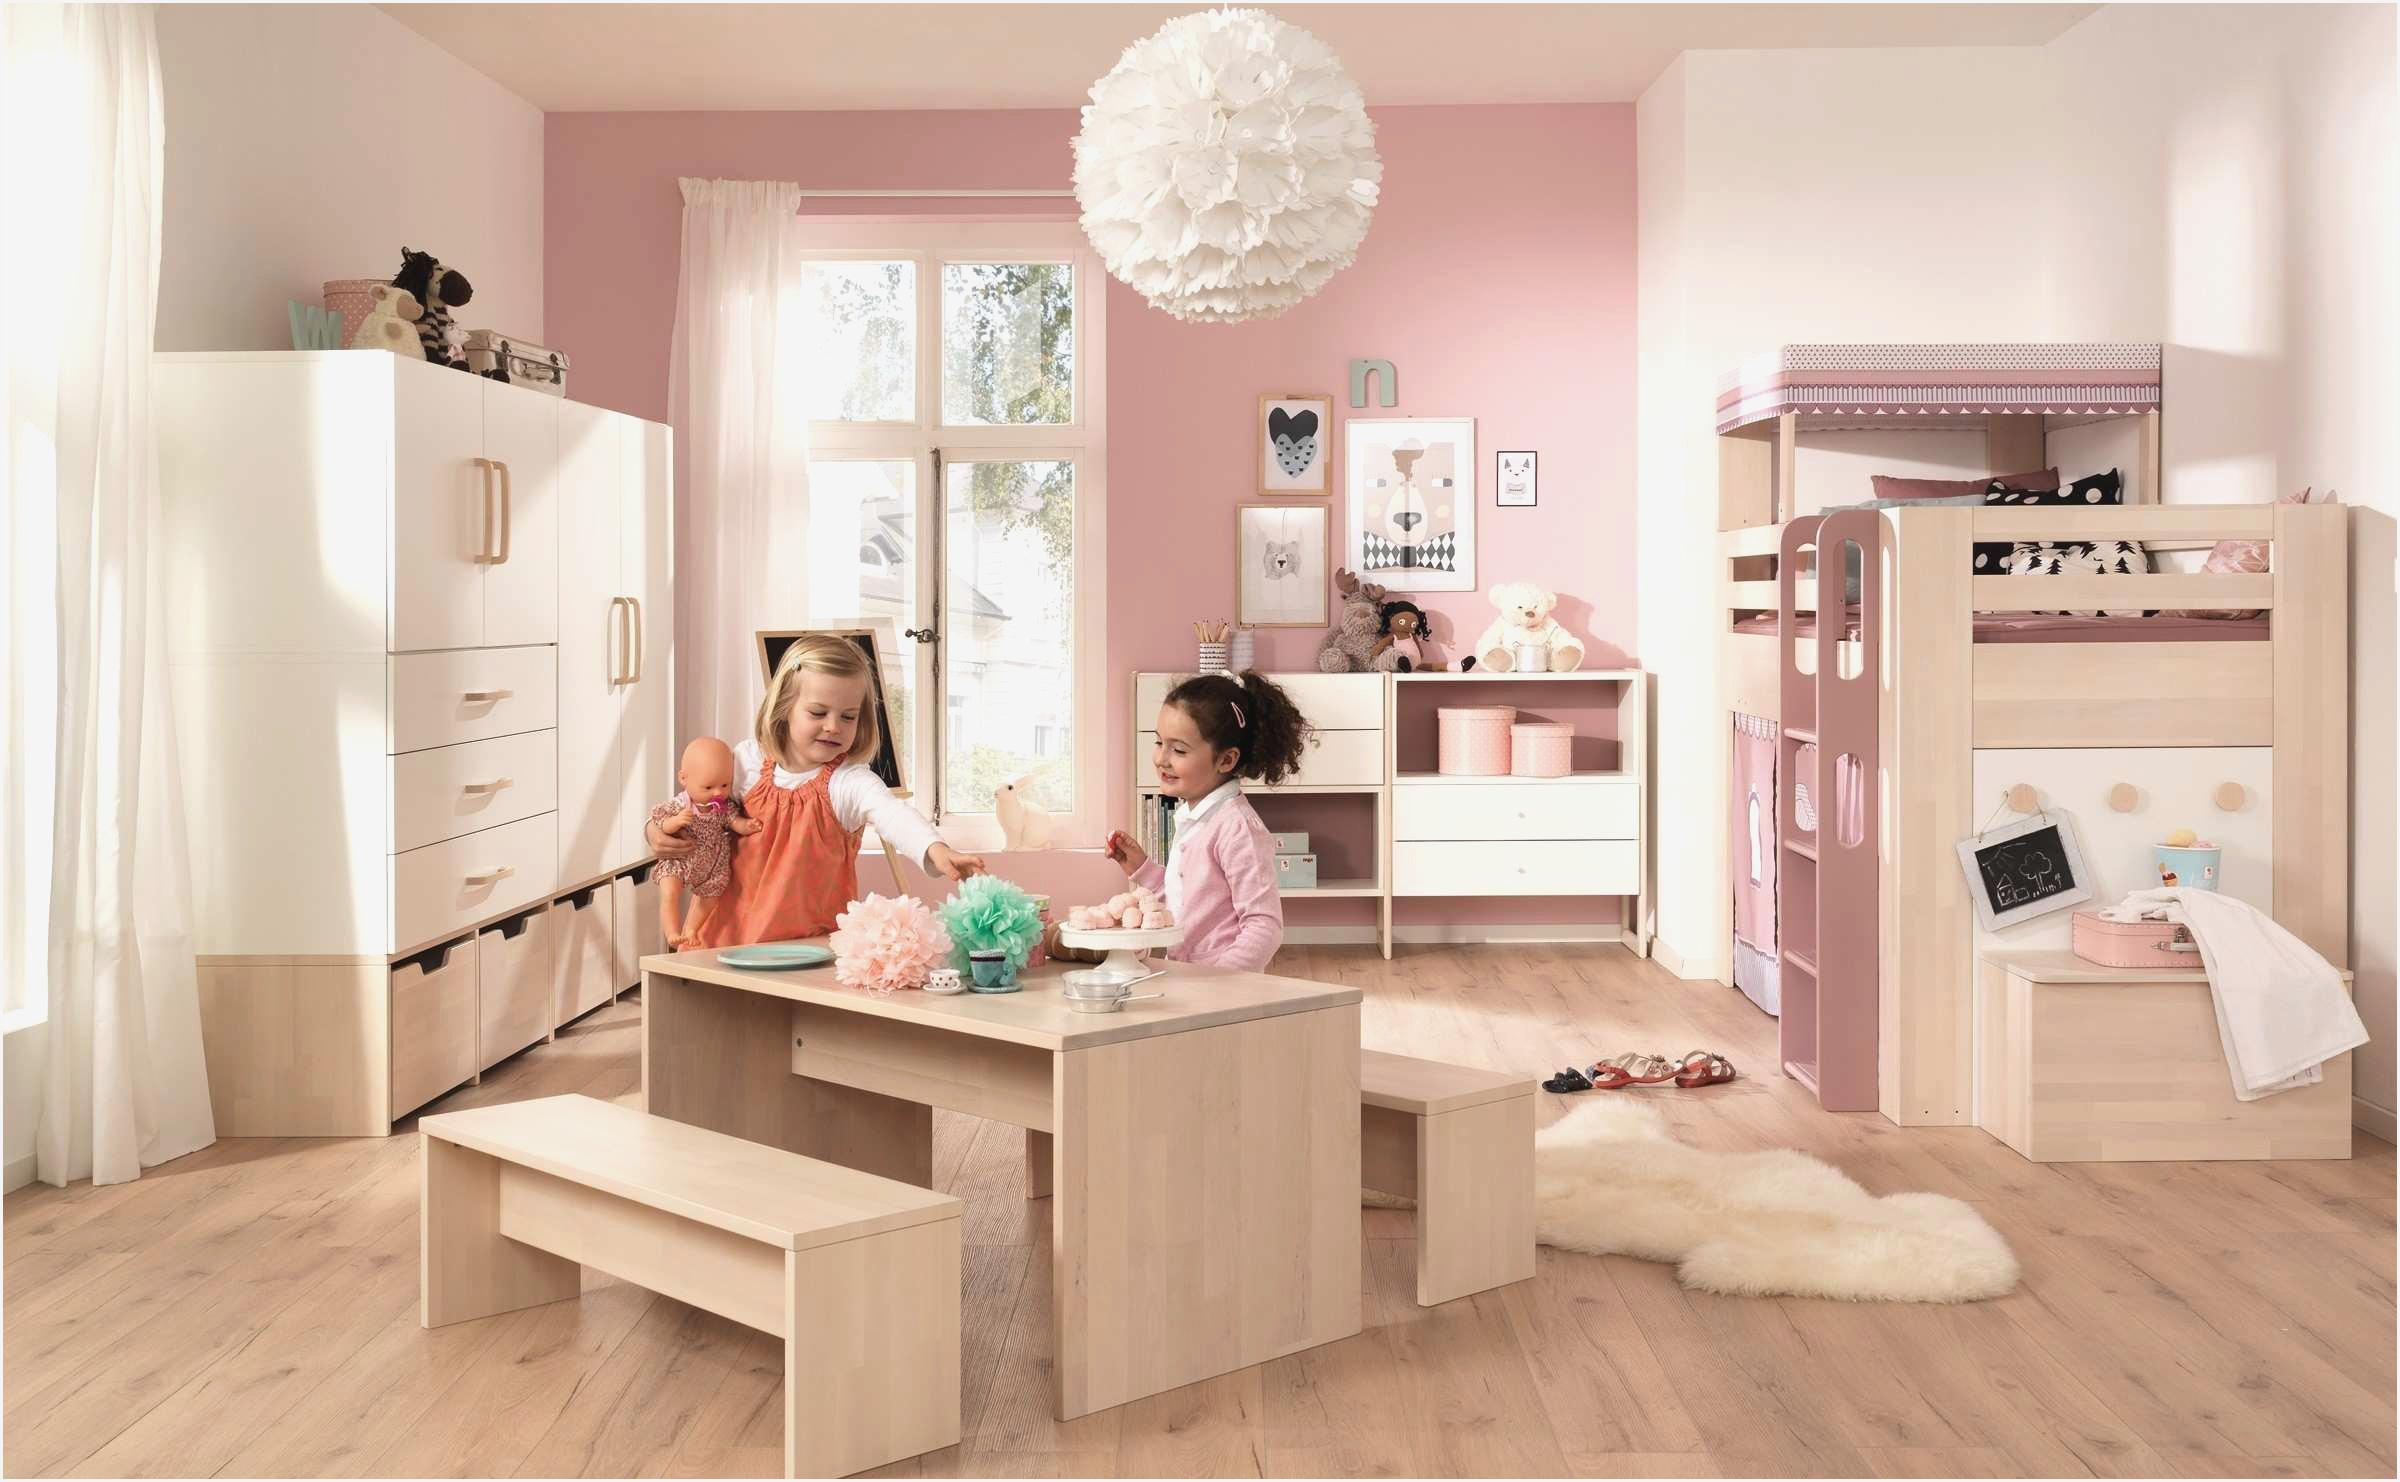 Full Size of Wanduhr Kinderzimmer Mdchen Pferd Traumhaus Regal Weiß Sofa Regale Kinderzimmer Kinderzimmer Pferd